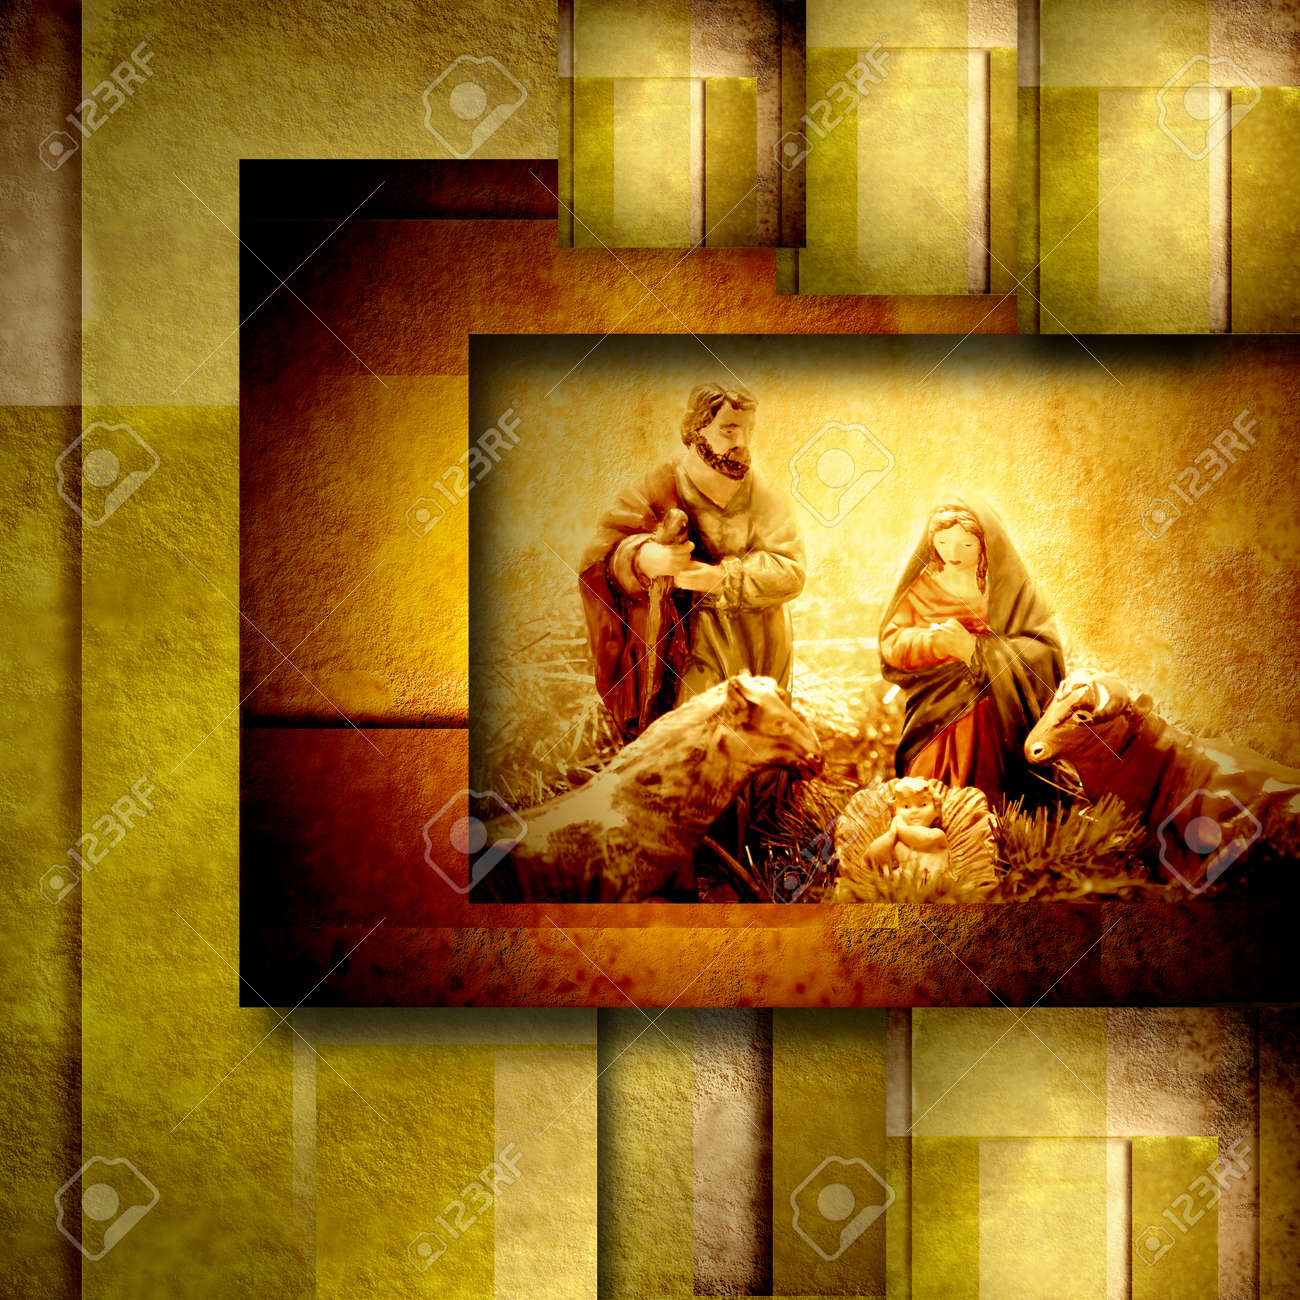 Religiöse Weihnachtskarten.Stock Photo